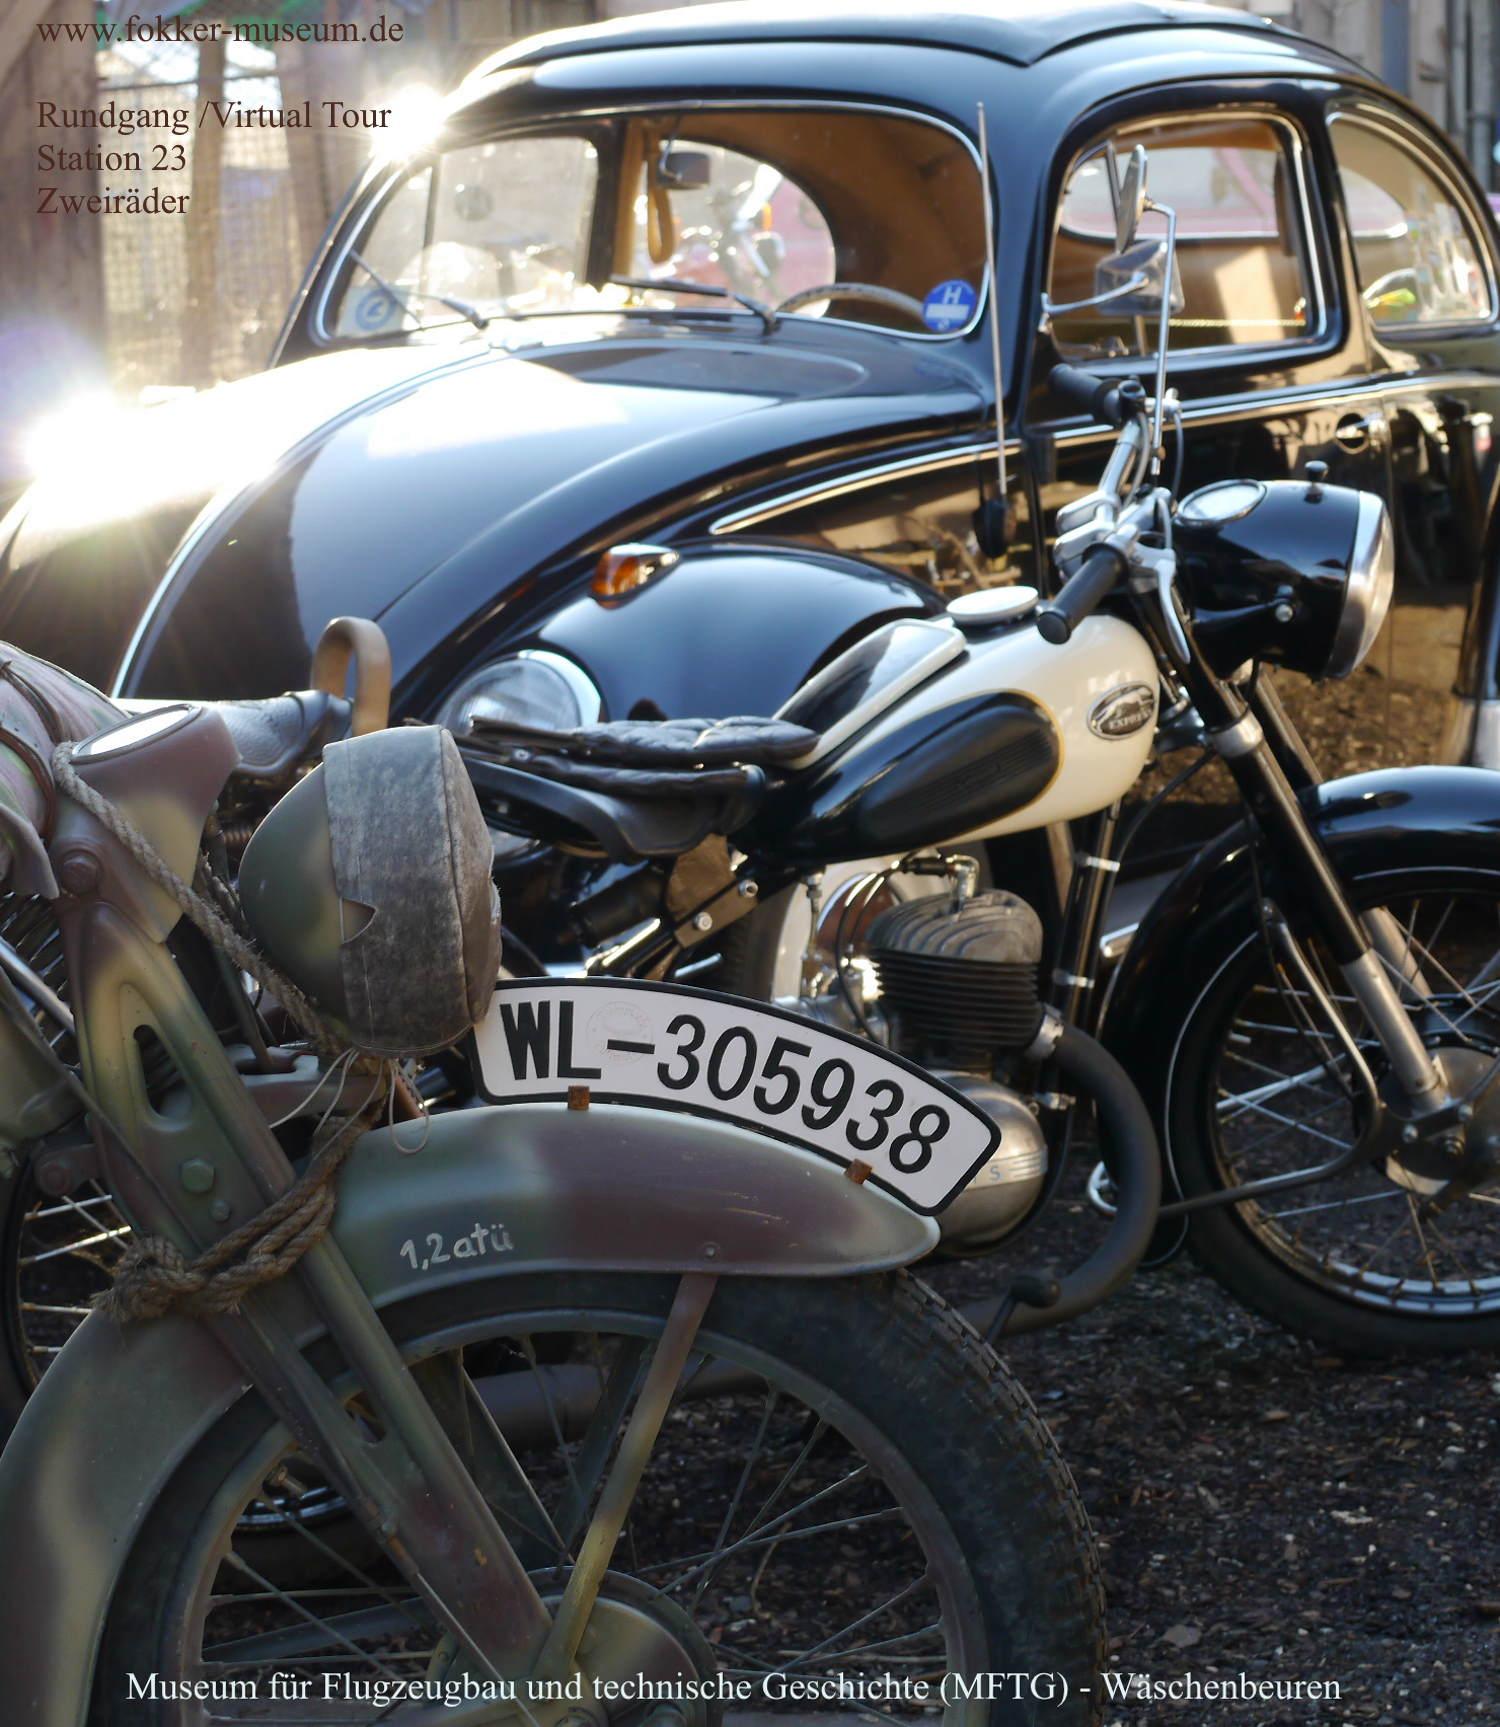 Museum für Flugzeugbau und technische Geschichte - Station 23 Zweiräder